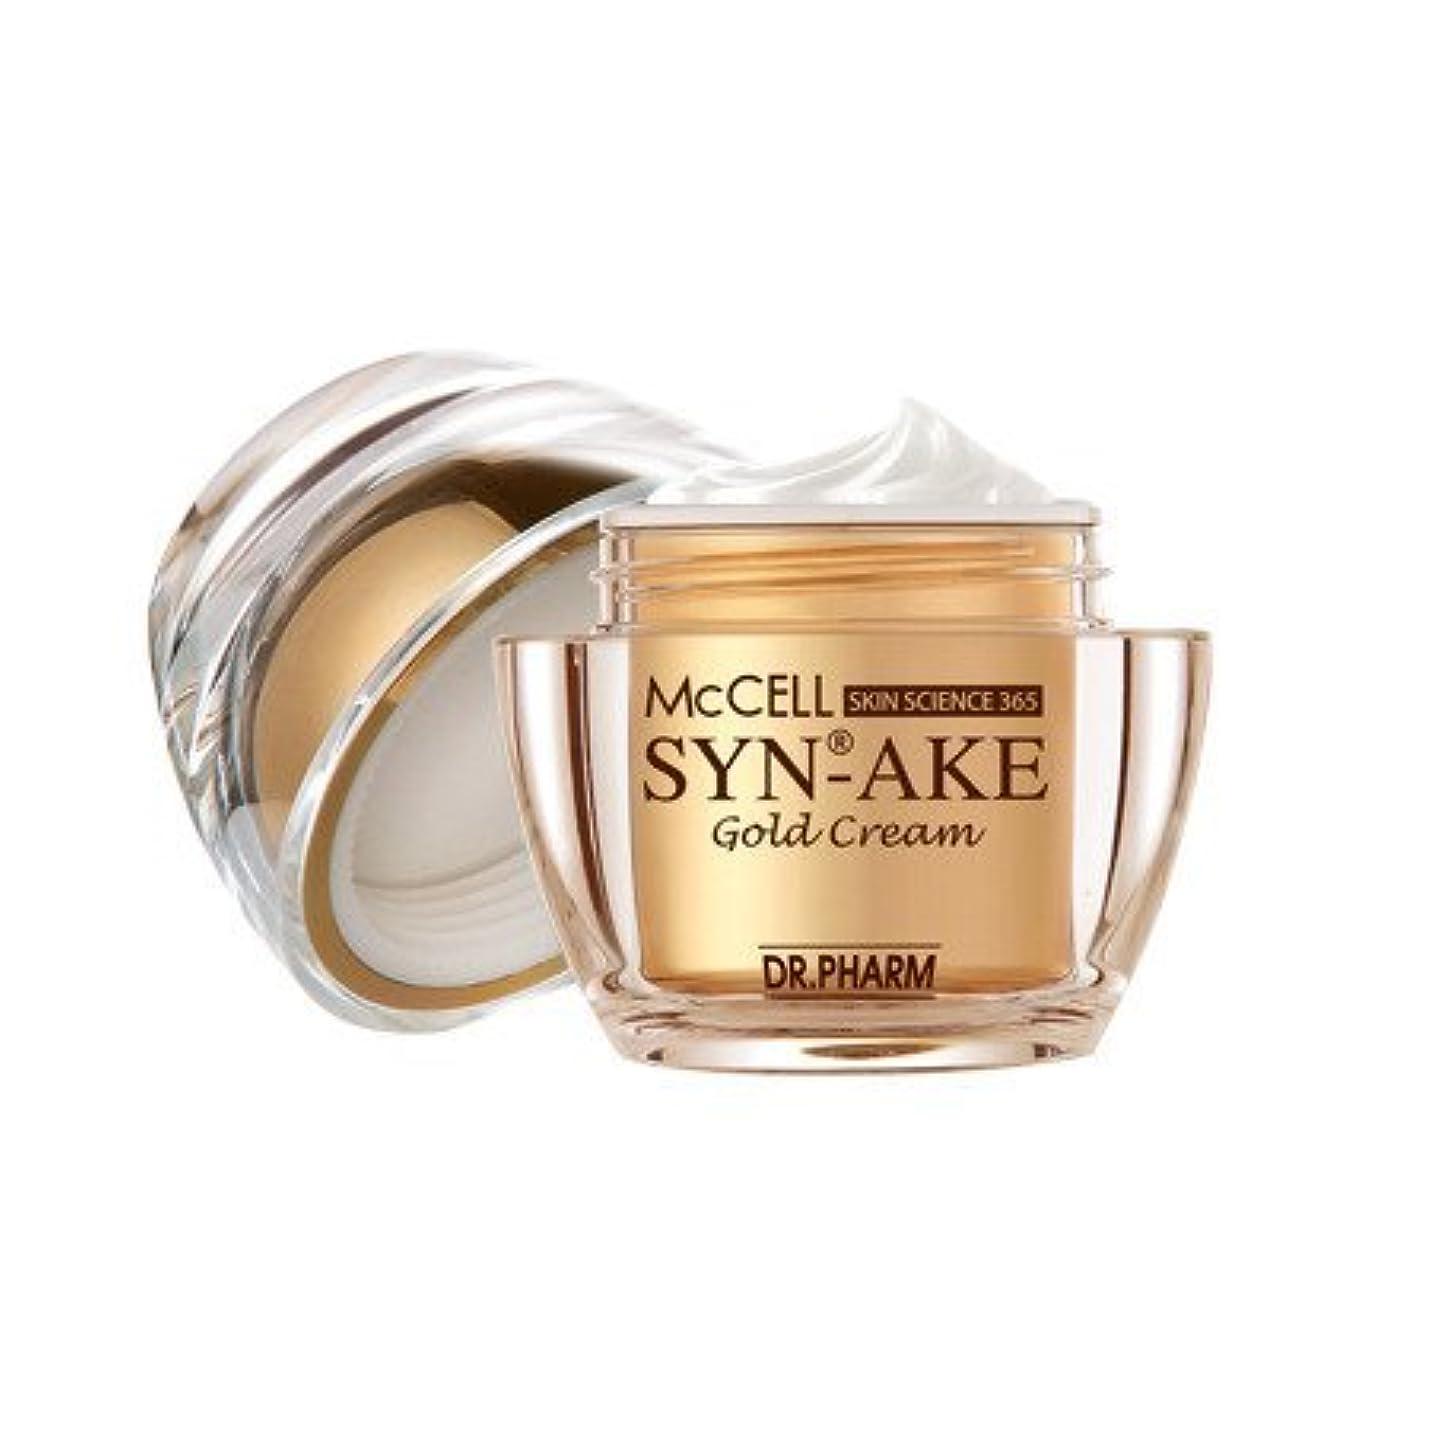 スキャンダラスブロンズ戸惑うDr.Pharm マクセルスキンサイエンス365シネイクゴールドクリーム McCELL Synake gold cream